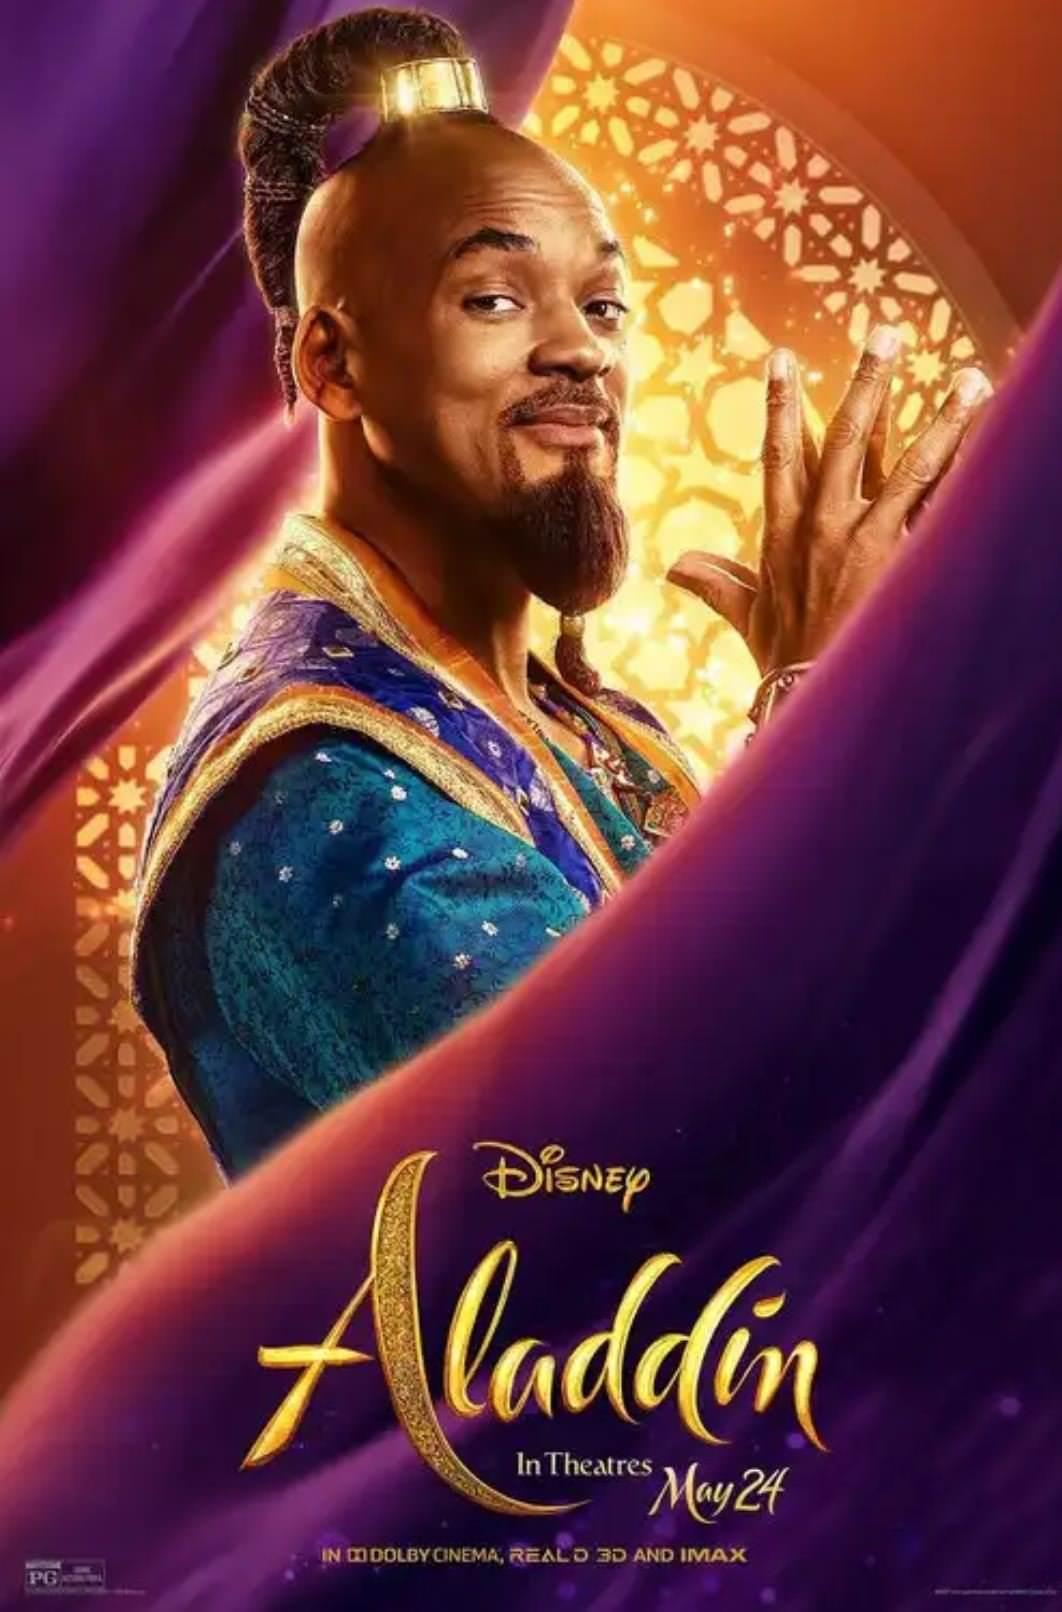 電影【阿拉丁】真人版影評:威爾史密斯的精靈隱喻,要當主人還是奴隸?!Aladdin Genie